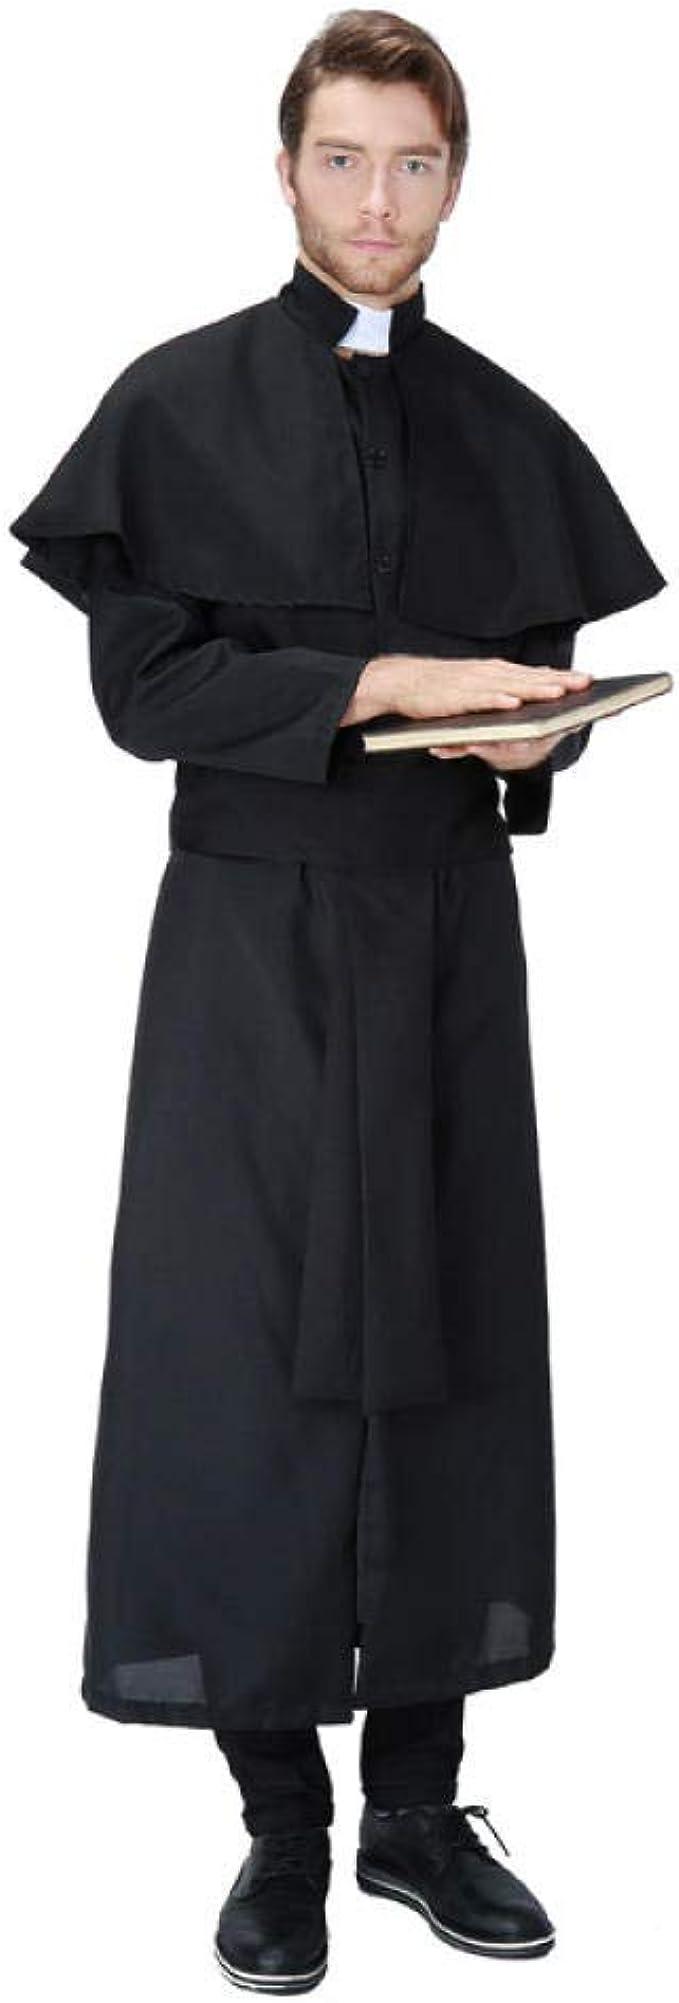 Disfraz de Jesucristo para adulto: Amazon.es: Ropa y accesorios